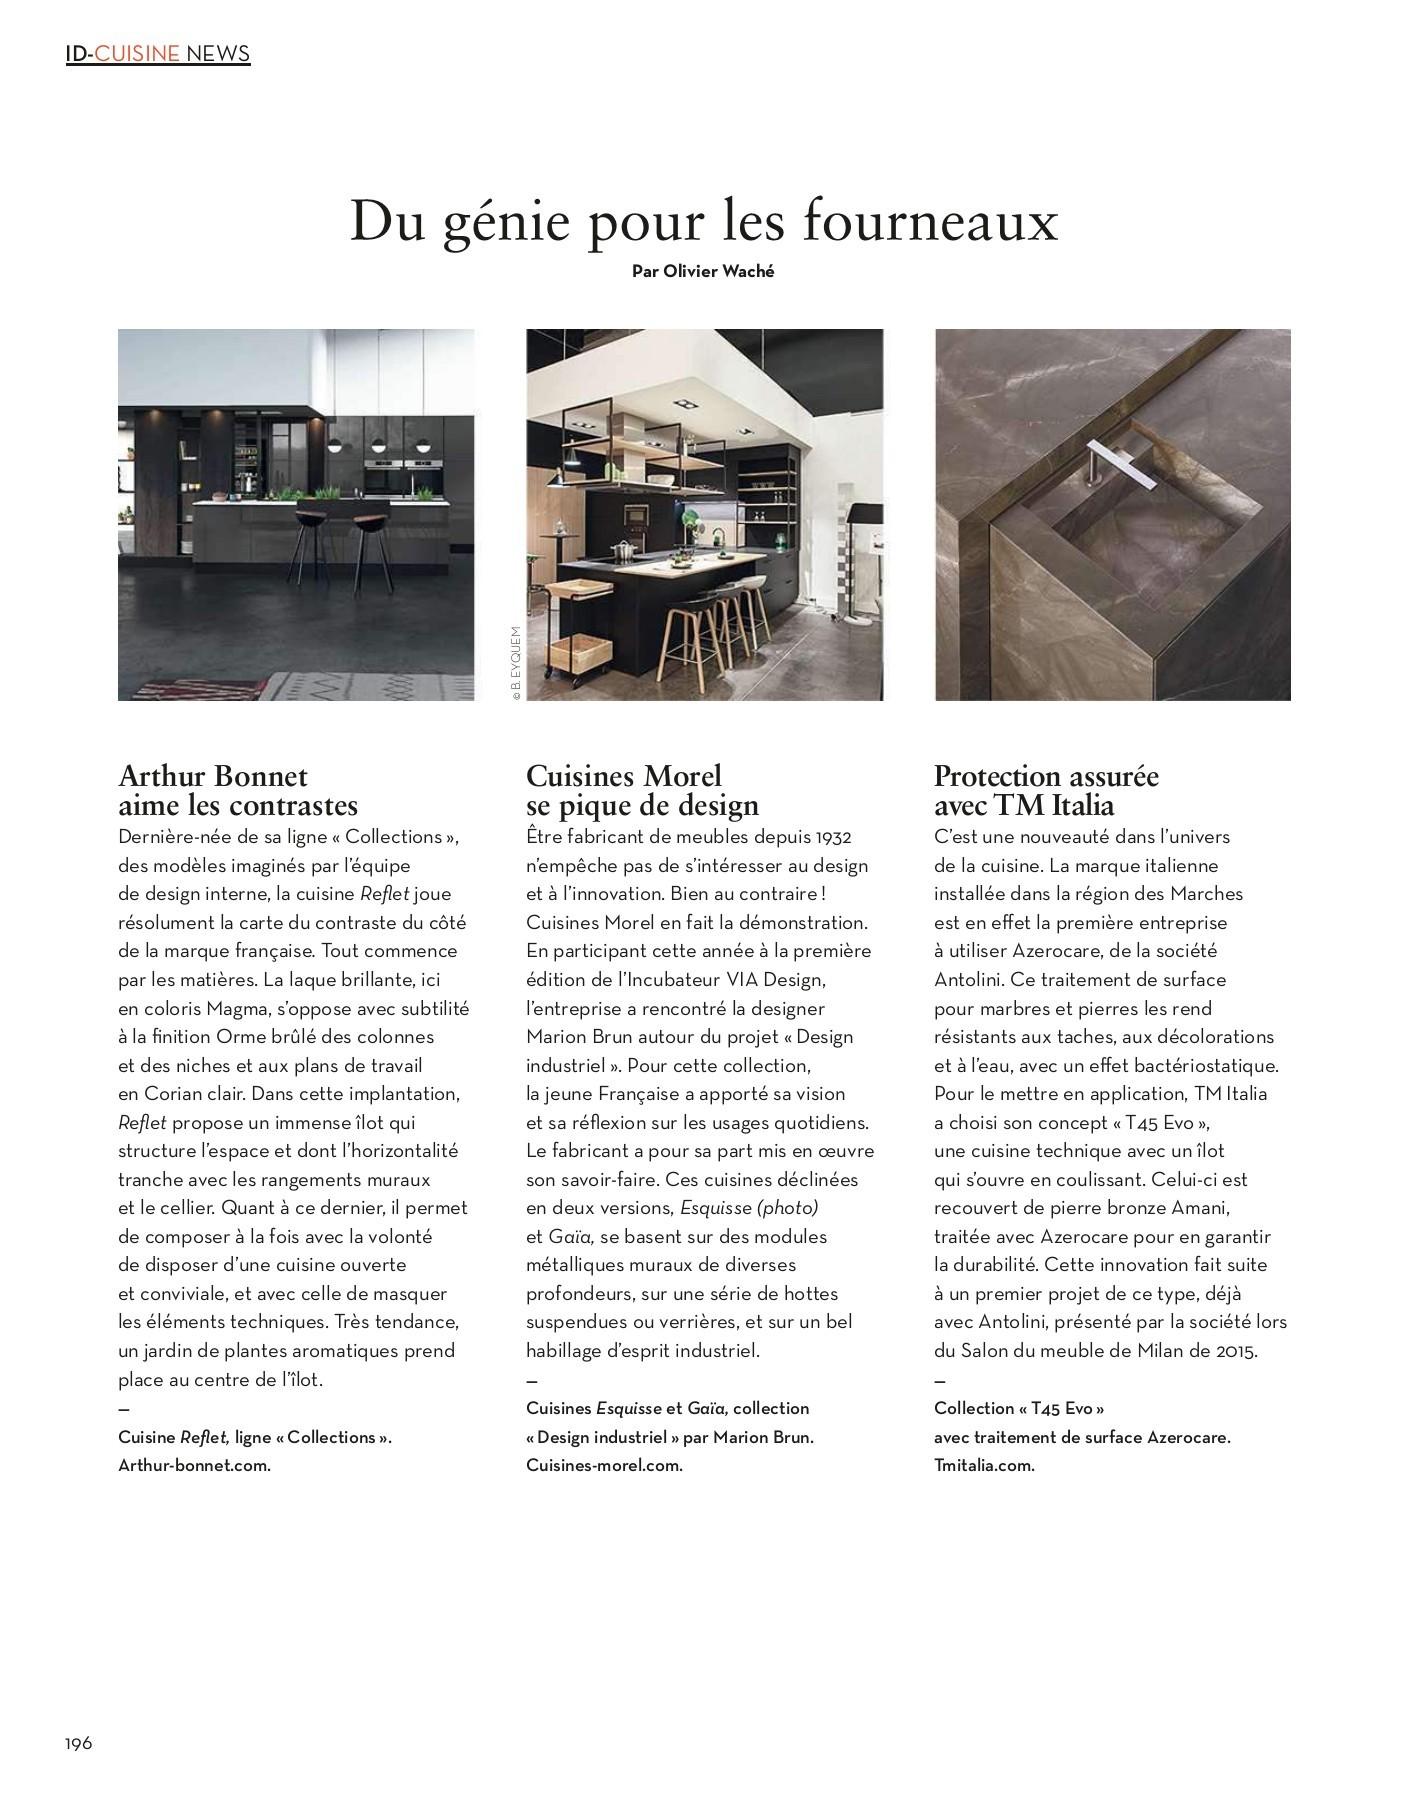 Cuisine Arthur Bonnet Rouen ideat_oct 2017 pages 201 - 232 - text version | pubhtml5